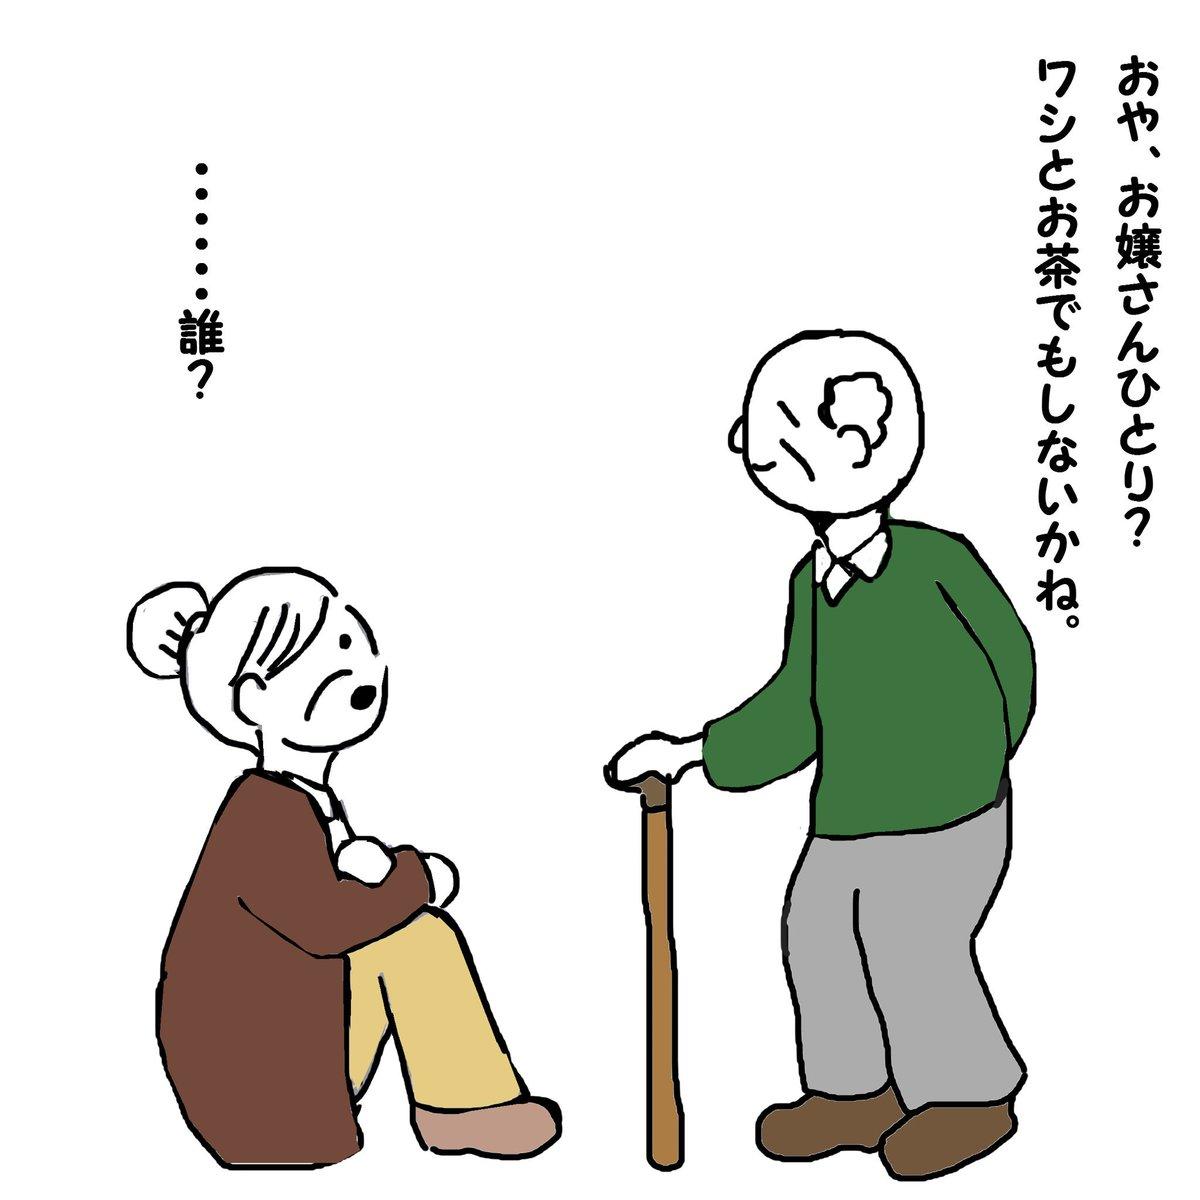 おじいさんのナンパ。